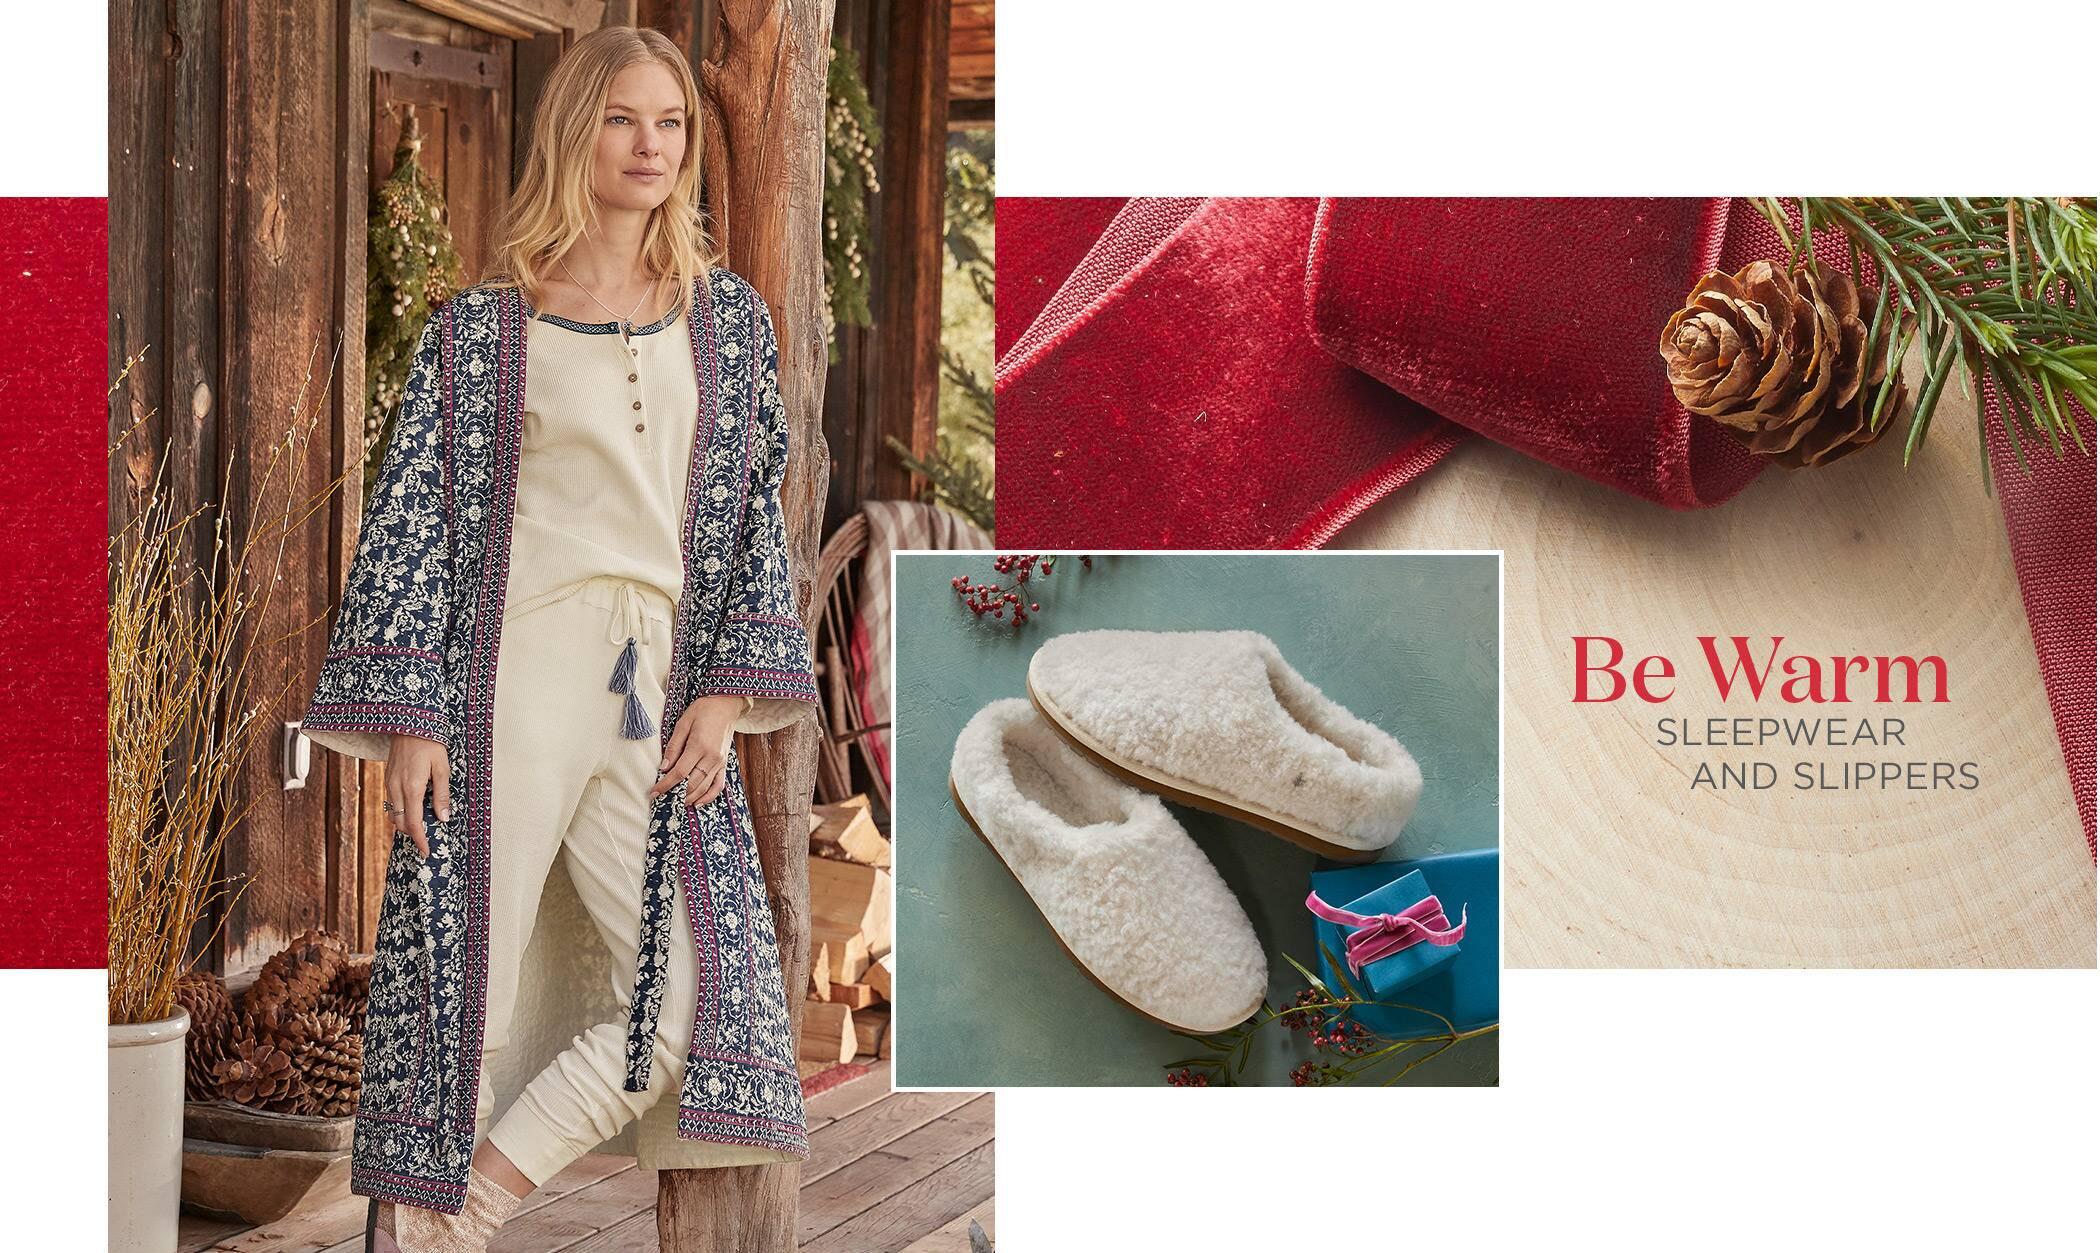 Women's Sleepwear and Slippers